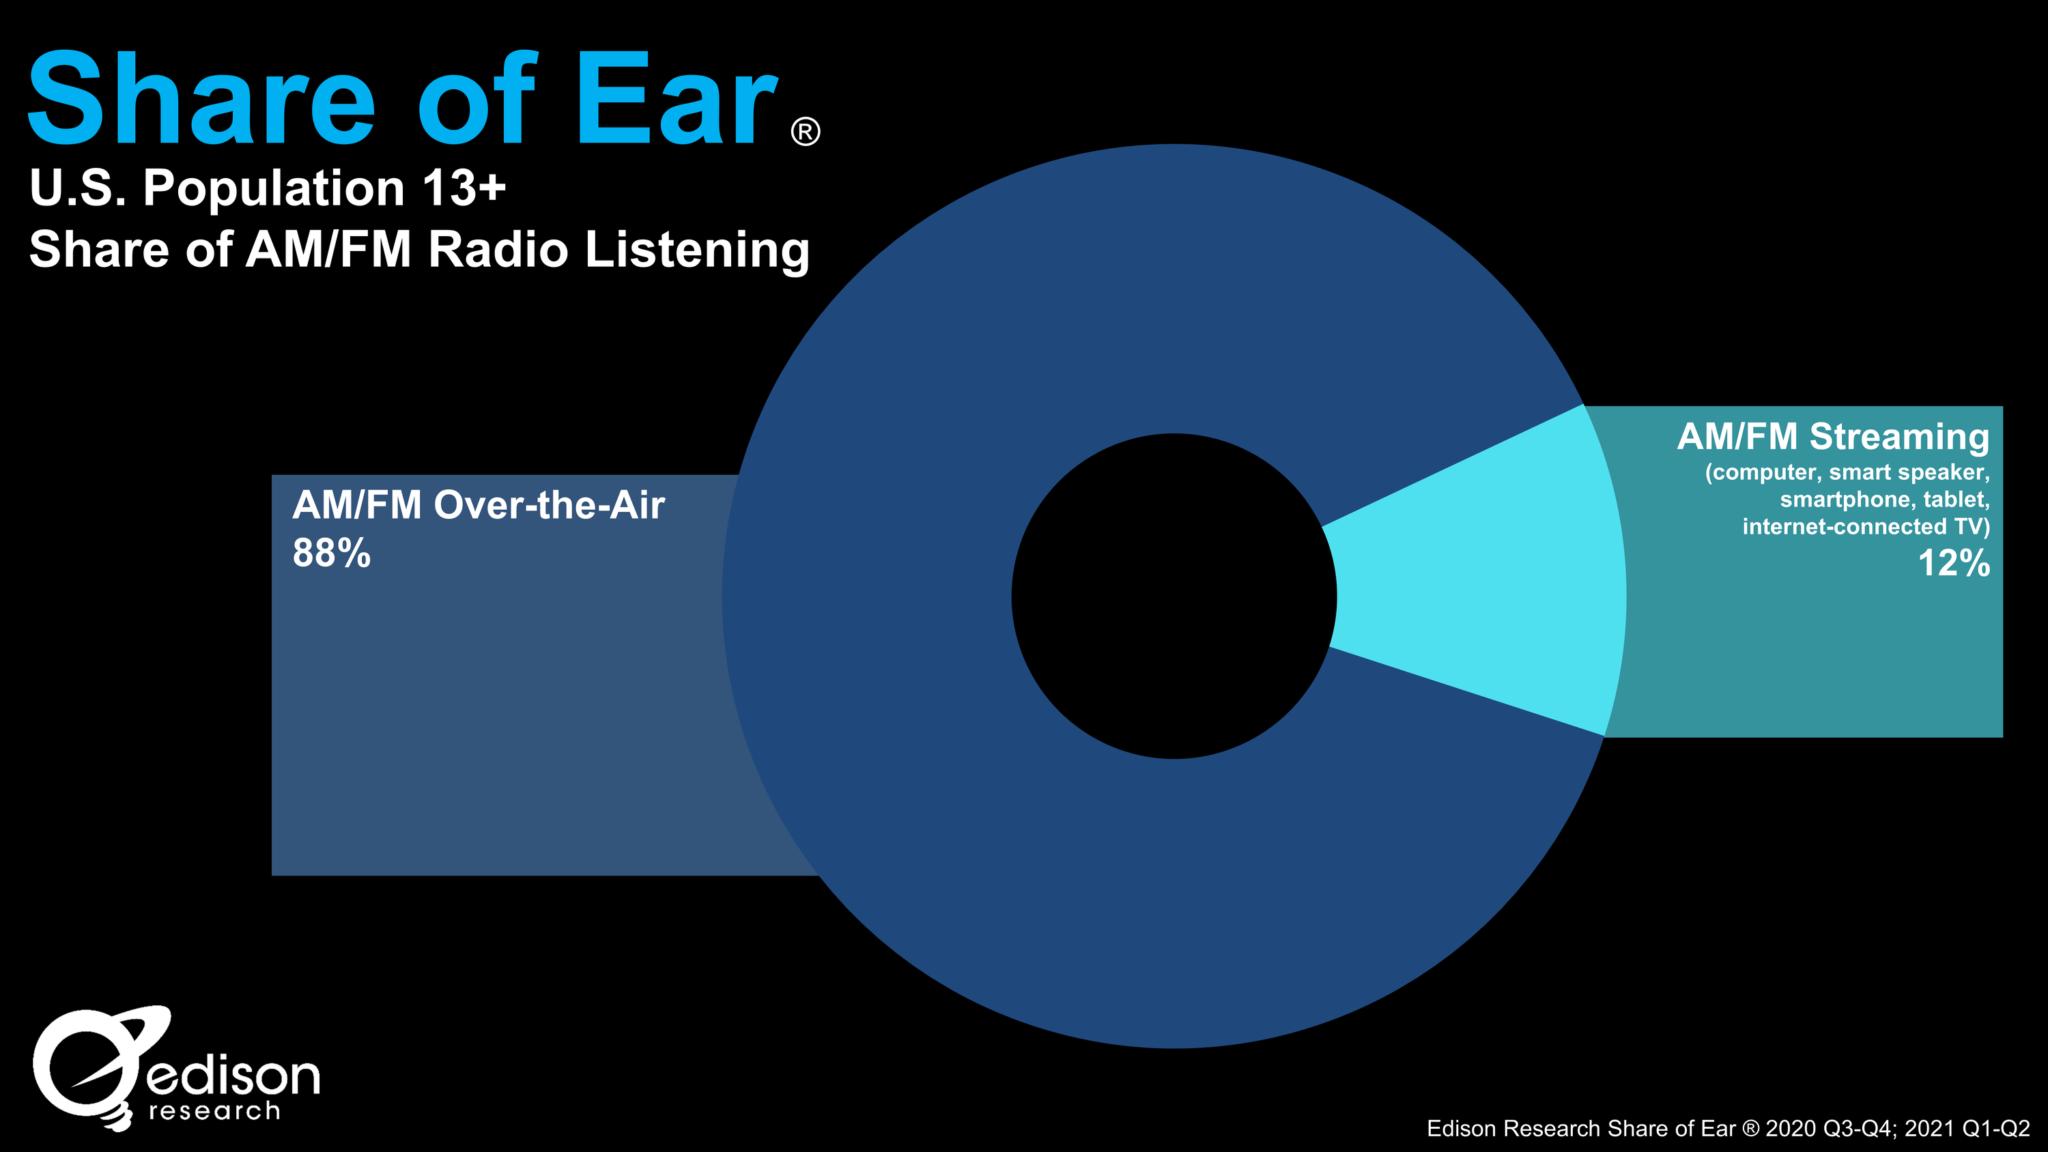 Share of ear 2021 - Radio. USA, Share of Ear: in un anno ascolto online triplica progressione. Problema è spiegare che la radio si sente anche non su una radio